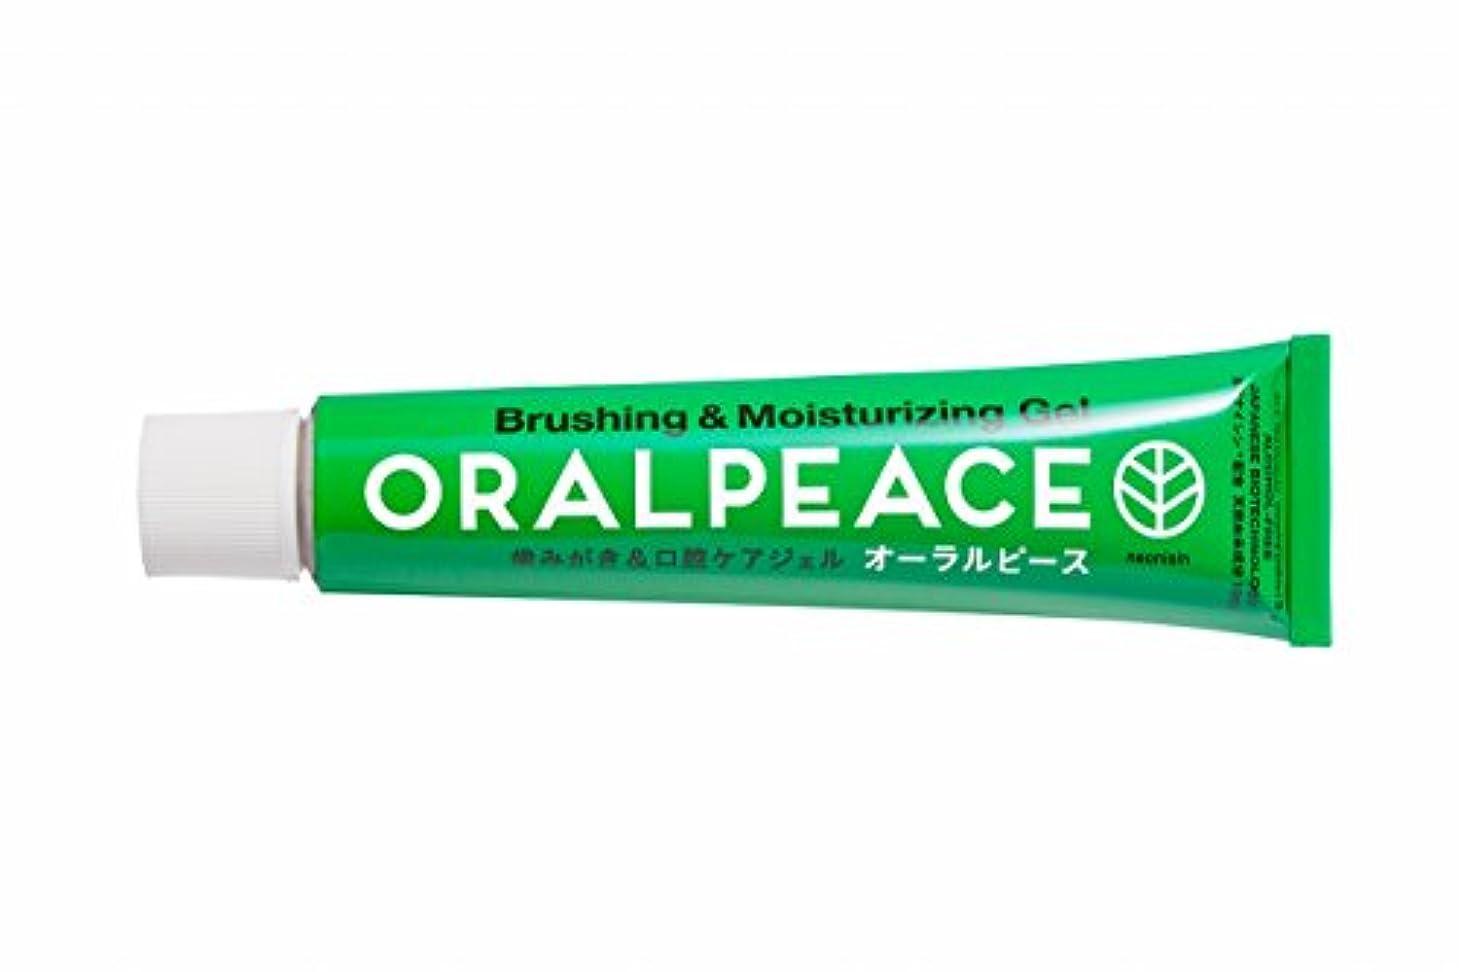 弱める処方百年オーラルピース 歯みがき&口腔ケアジェル 75g